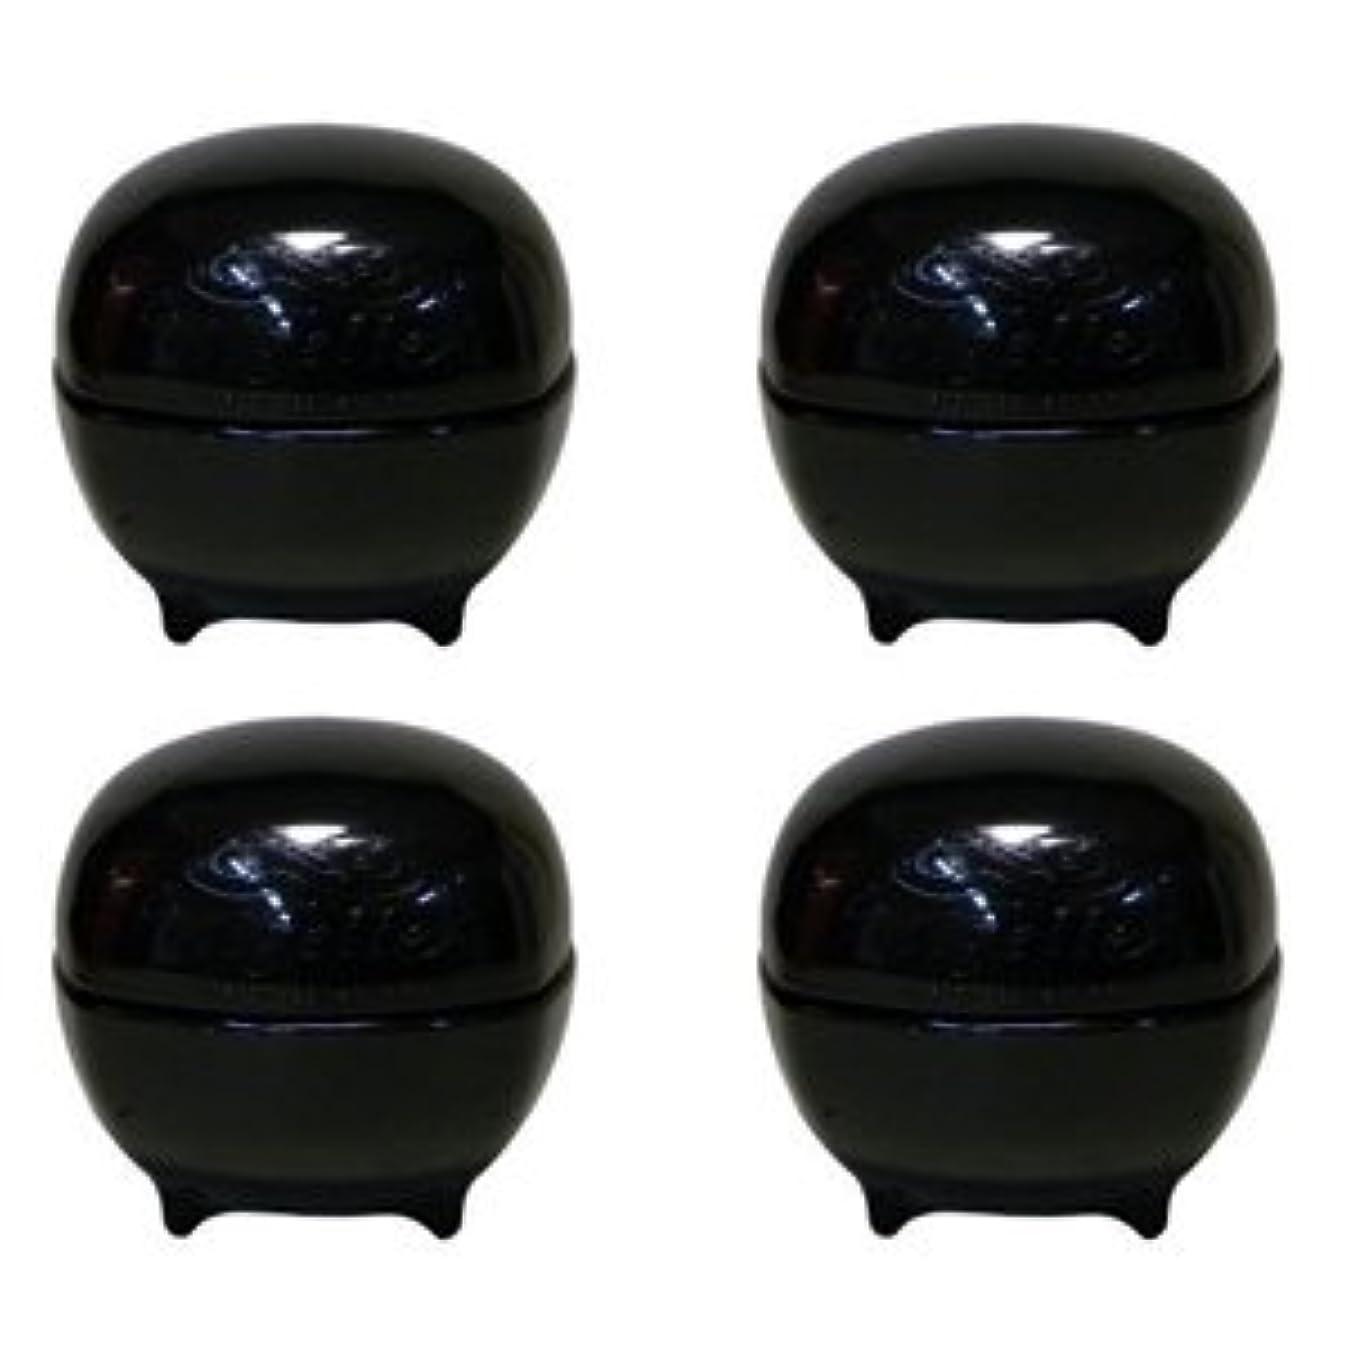 終点形状恩恵【X4個セット】 ミルボン ニゼル グラスプワックス 80g (ニゼルドレシアコレクション) GRASP WAX MILBON